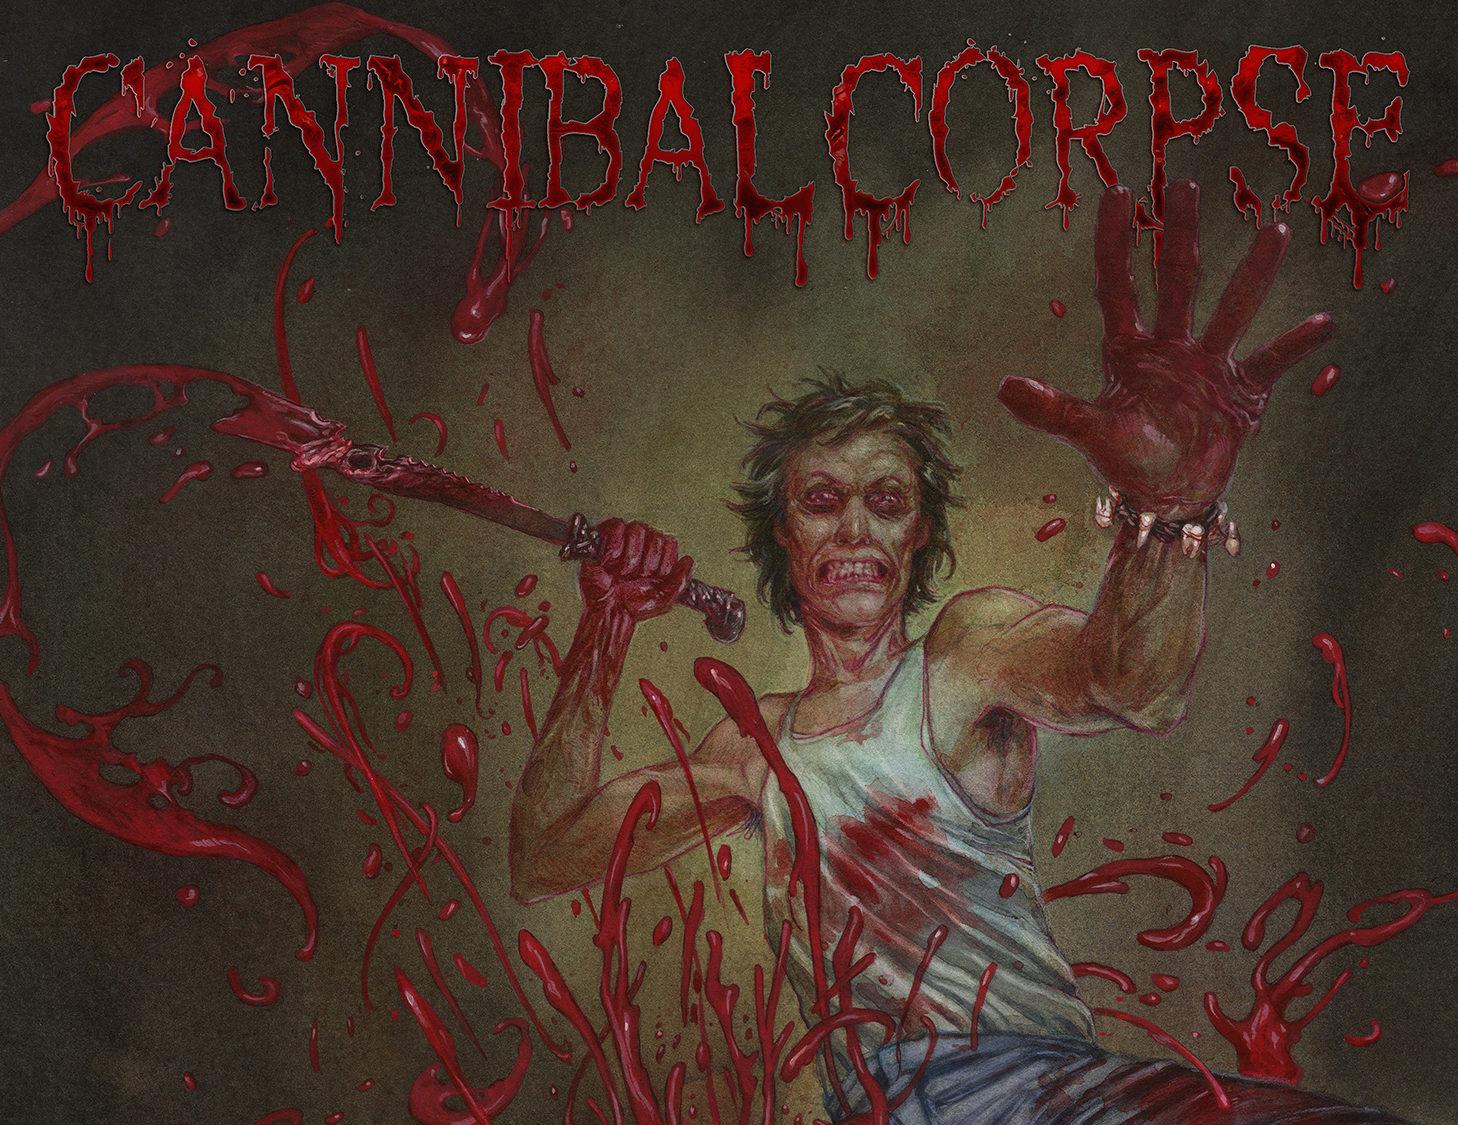 Cannibak Corpse Tour